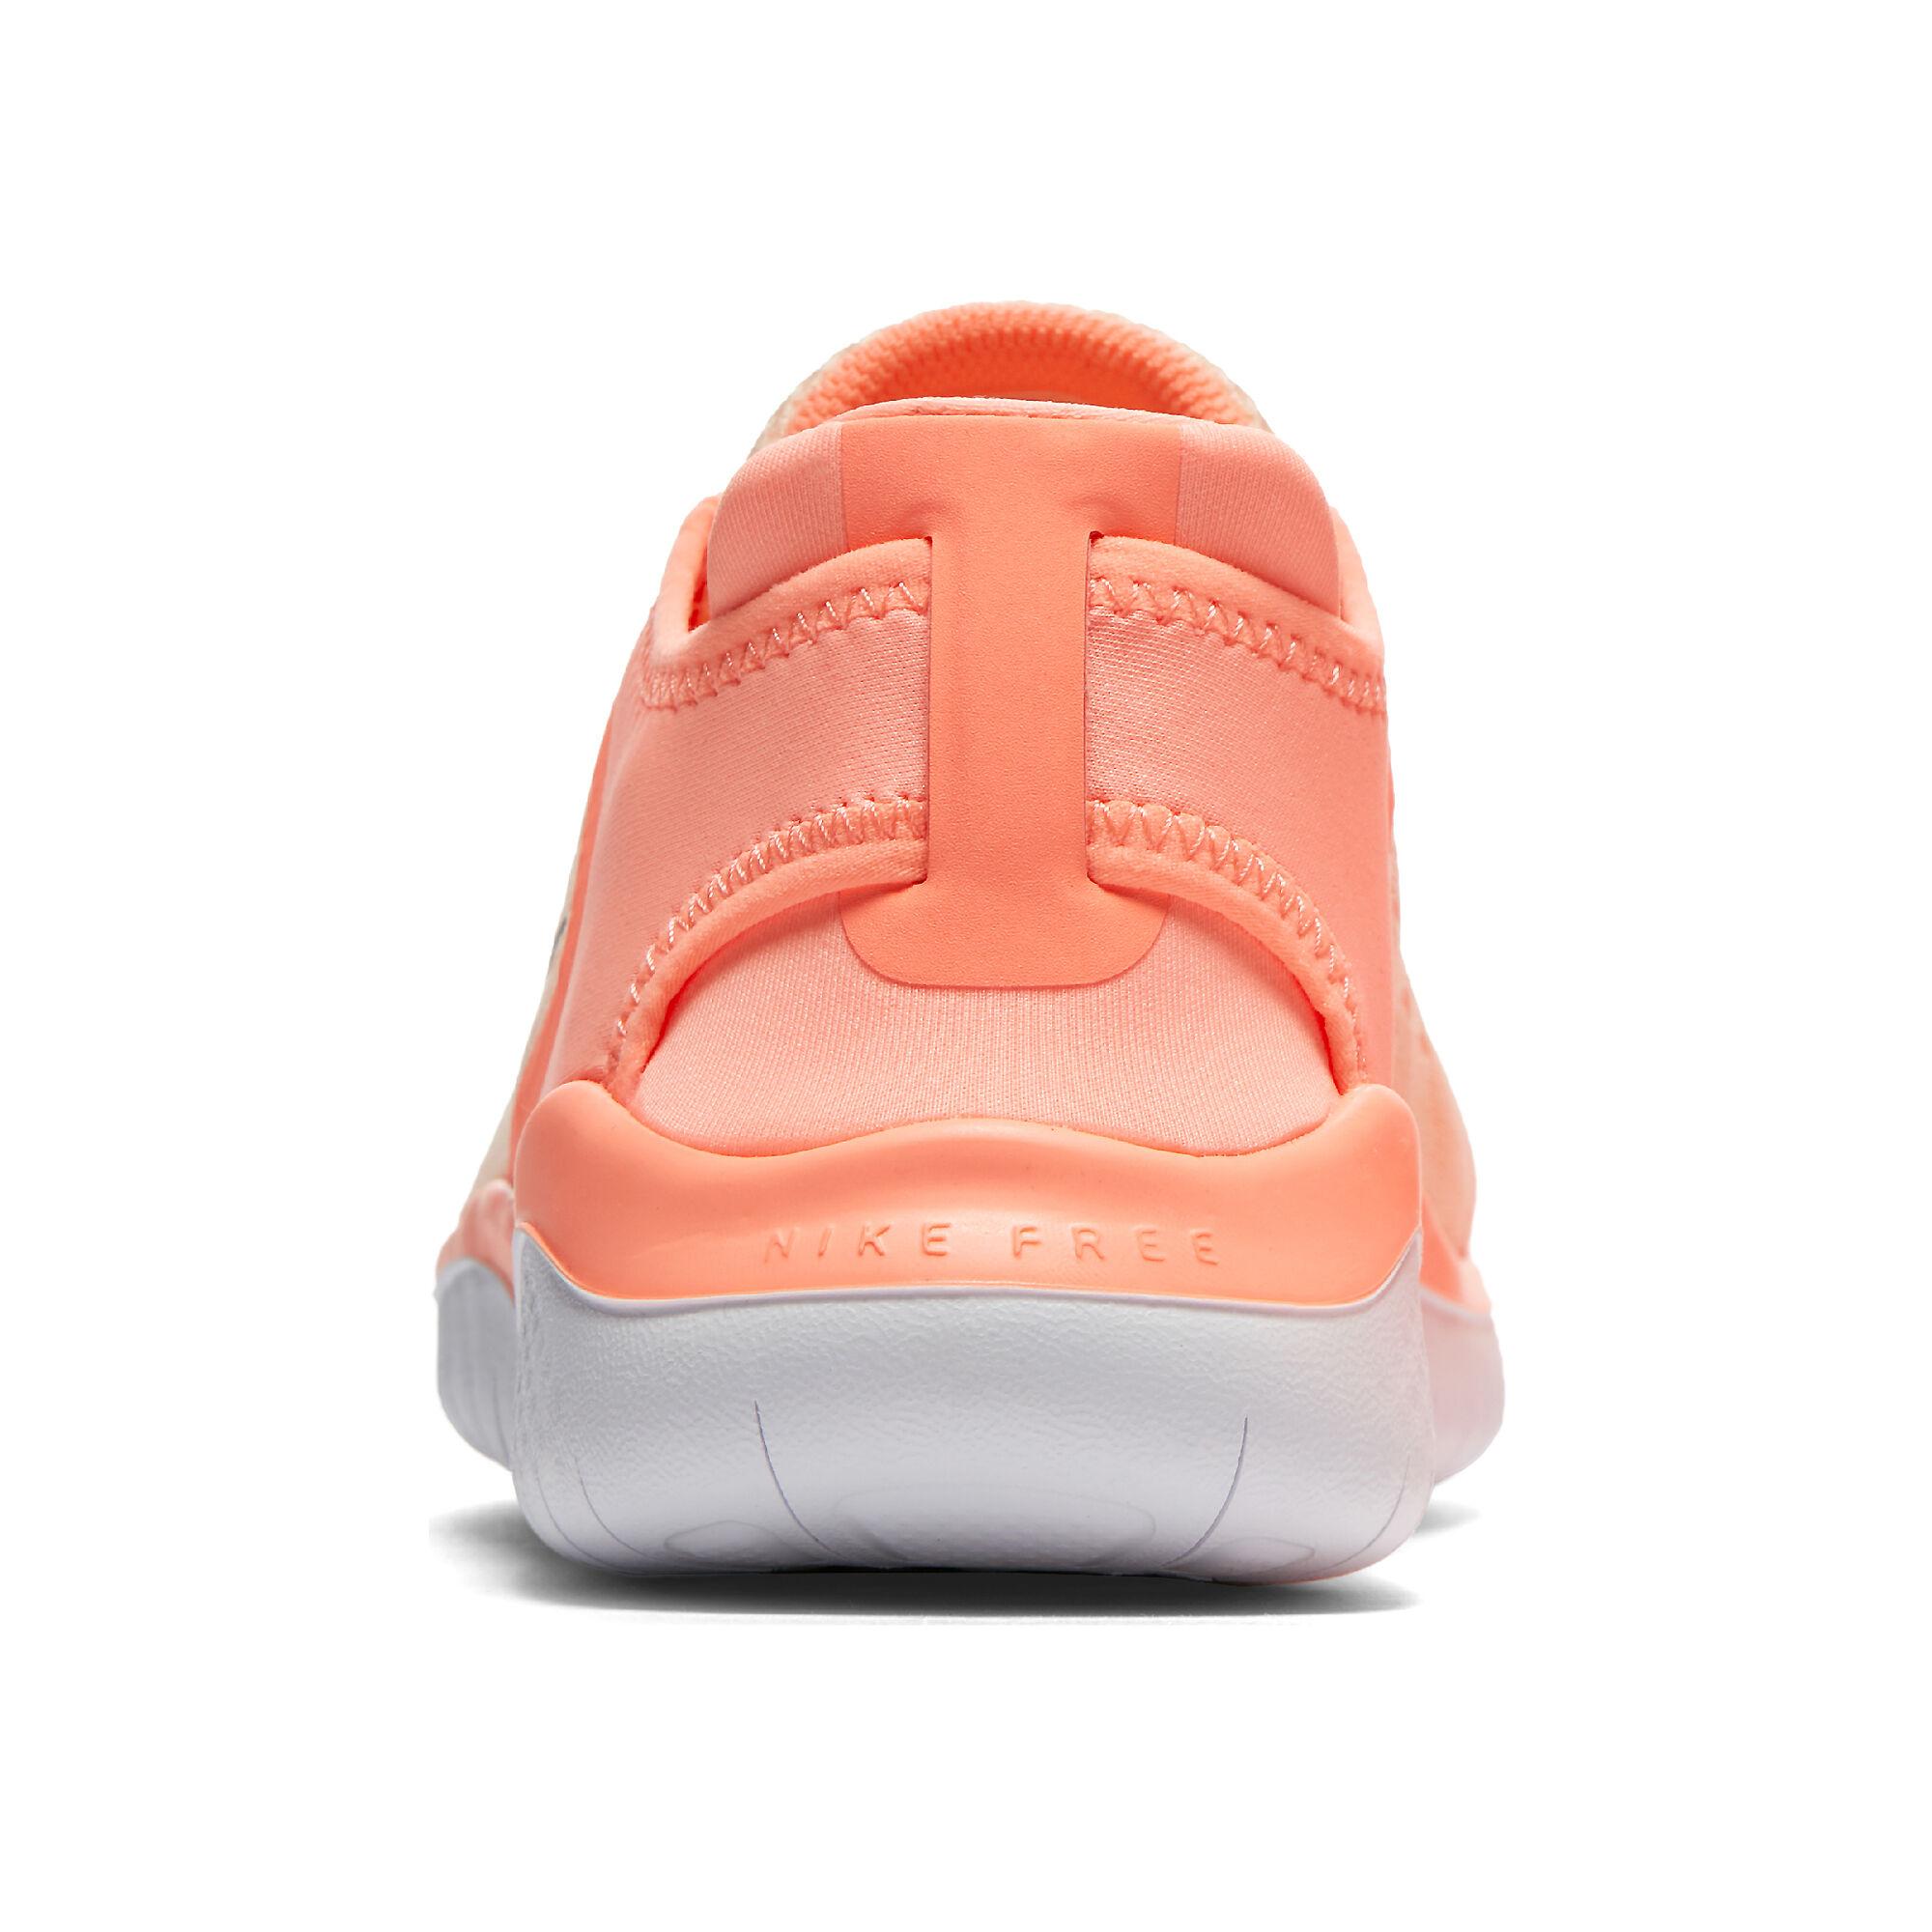 brand new 1b186 f4be0 buy Nike Free Run 2018 Natural Running Shoe Kids - Orange ...